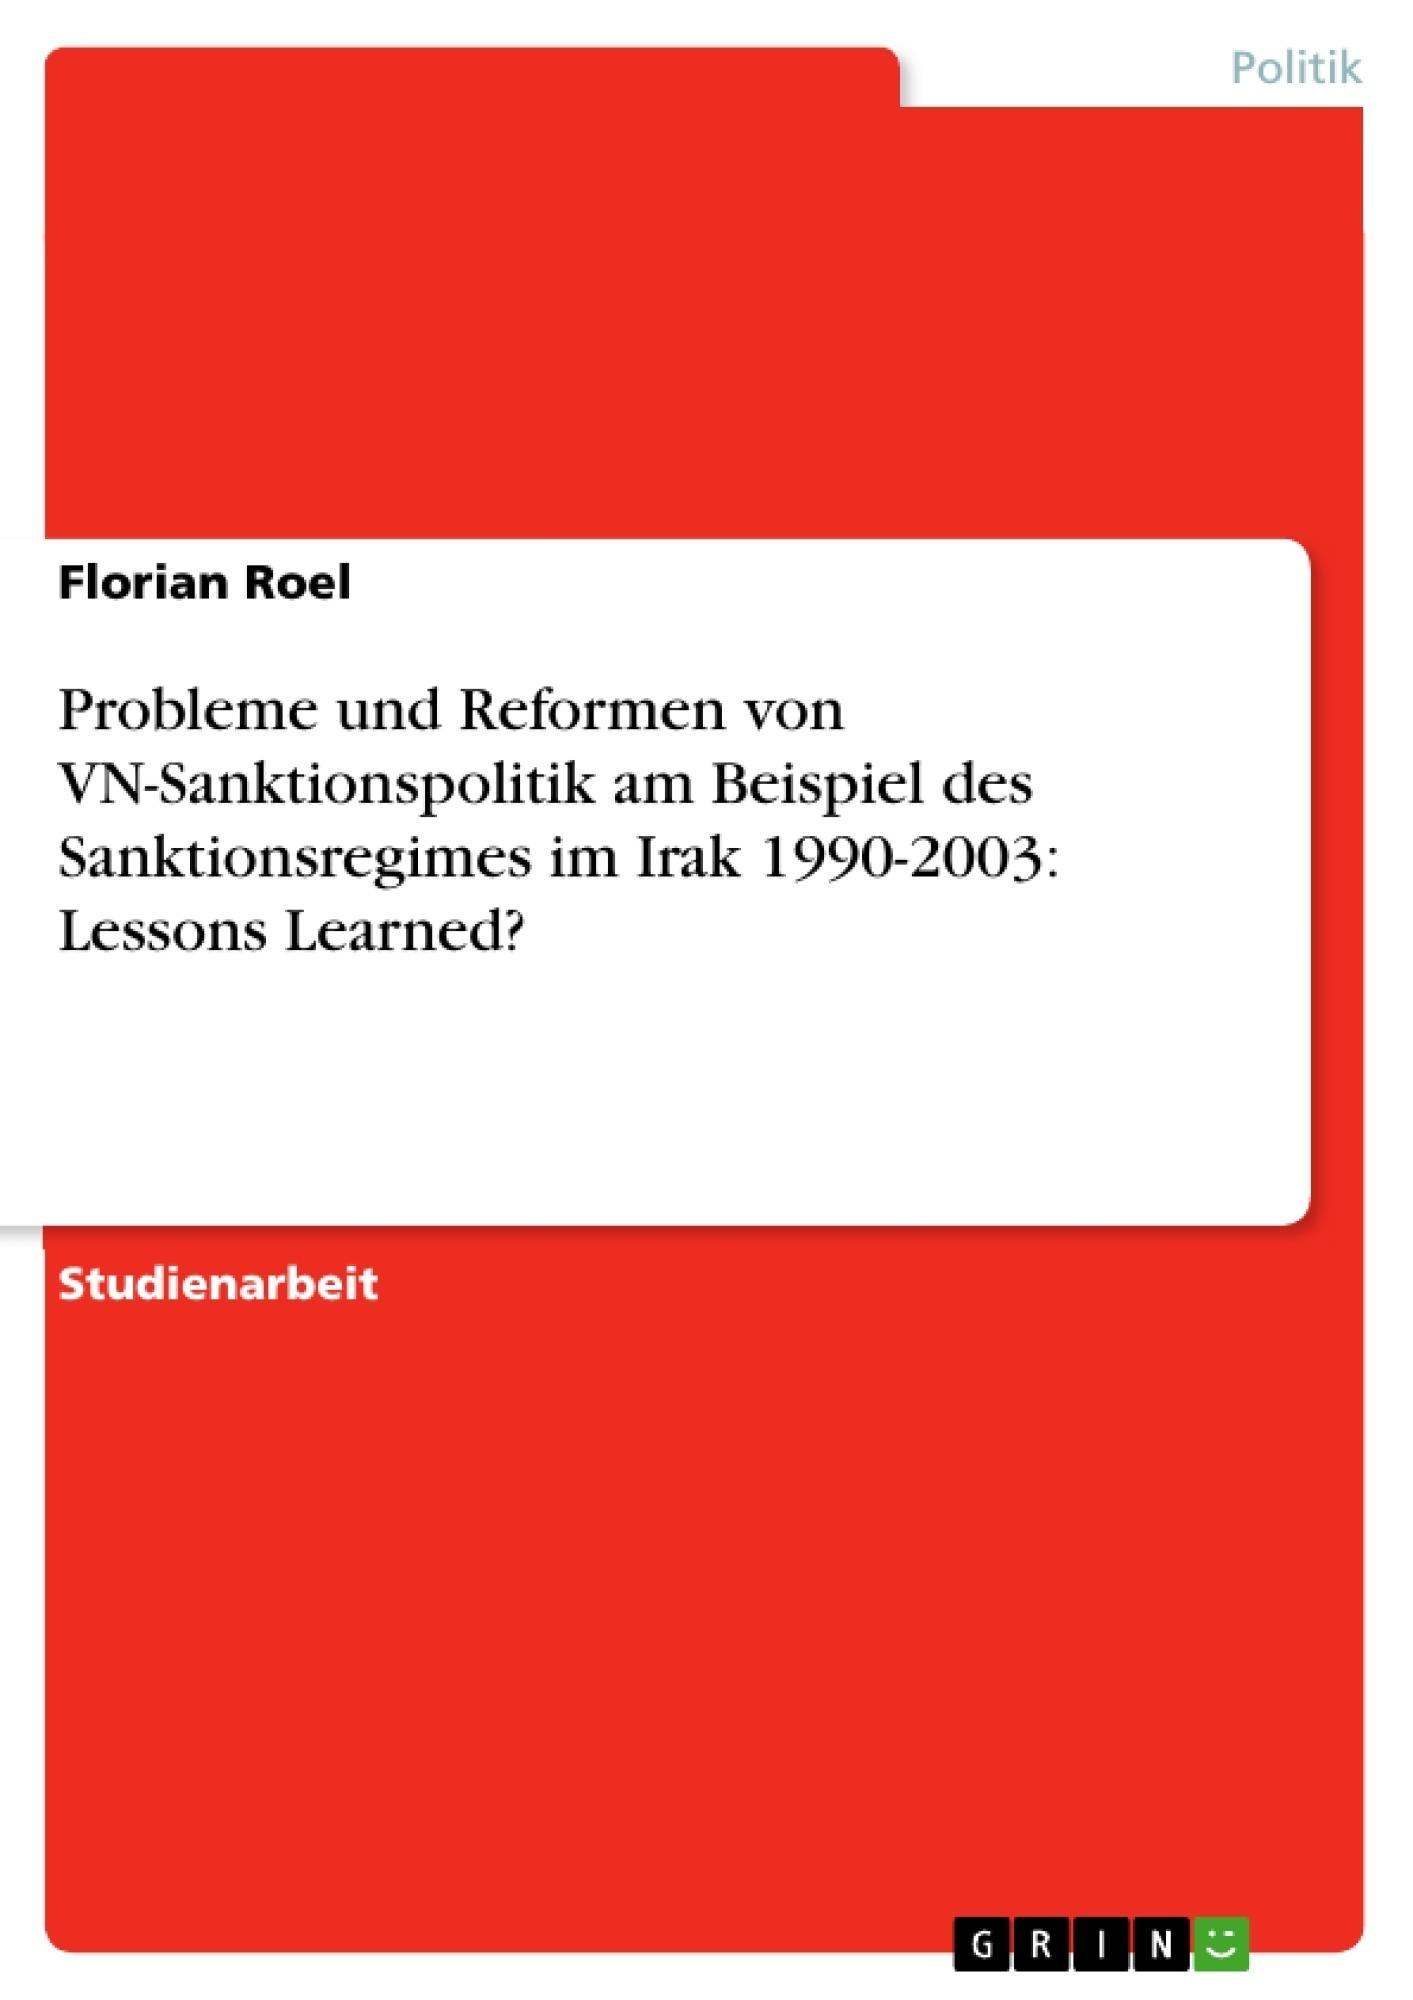 Titel: Probleme und Reformen von VN-Sanktionspolitik am Beispiel des Sanktionsregimes im Irak 1990-2003: Lessons Learned?